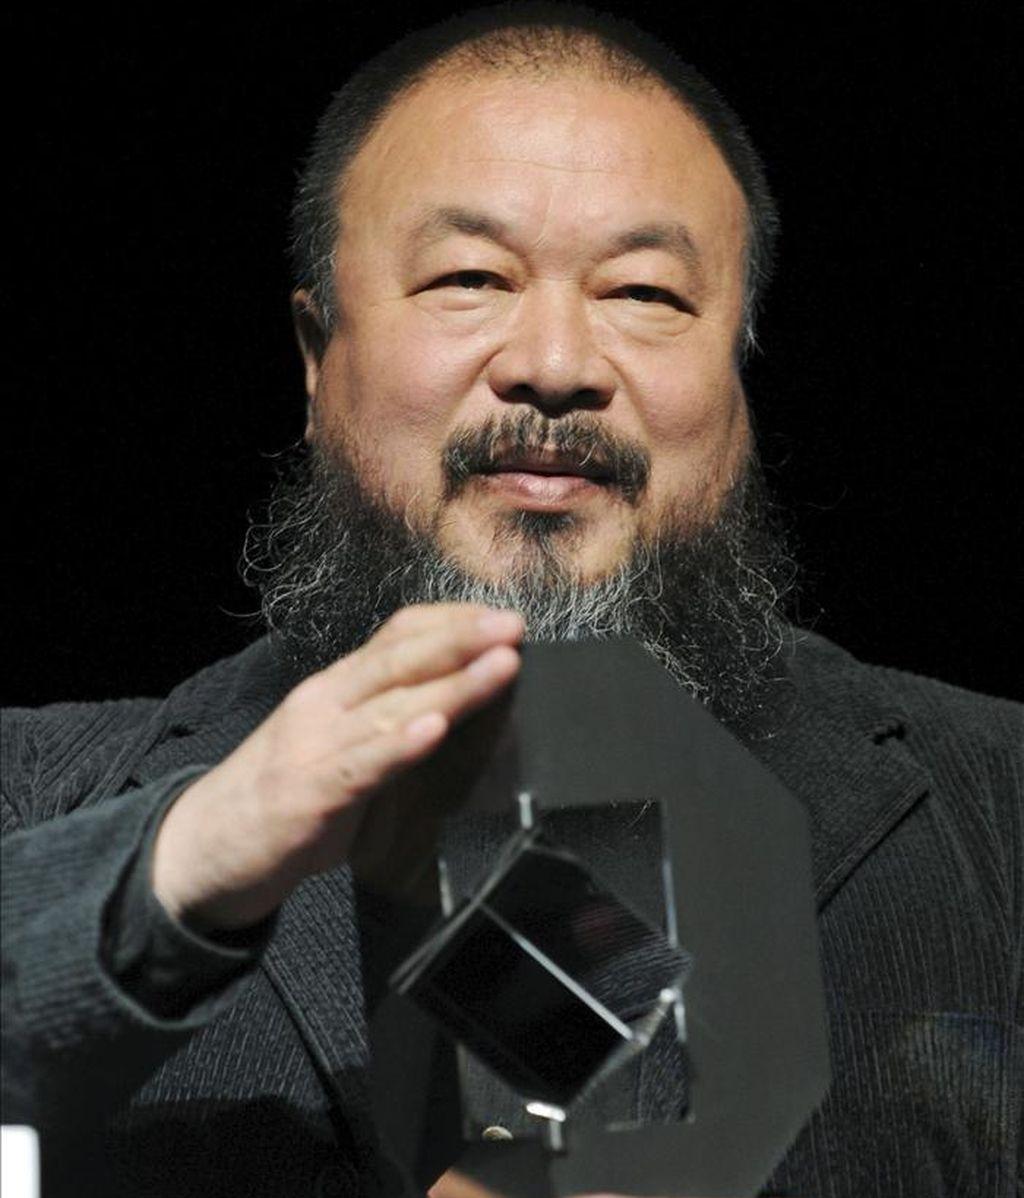 El artista y activista chino Ai Weiwei sostiene la estatuilla del premio Kassel 'Das Glas der Vernunft' en Kassel (Alemania), el 26 de septiembre de 2010. EFE/Archivo